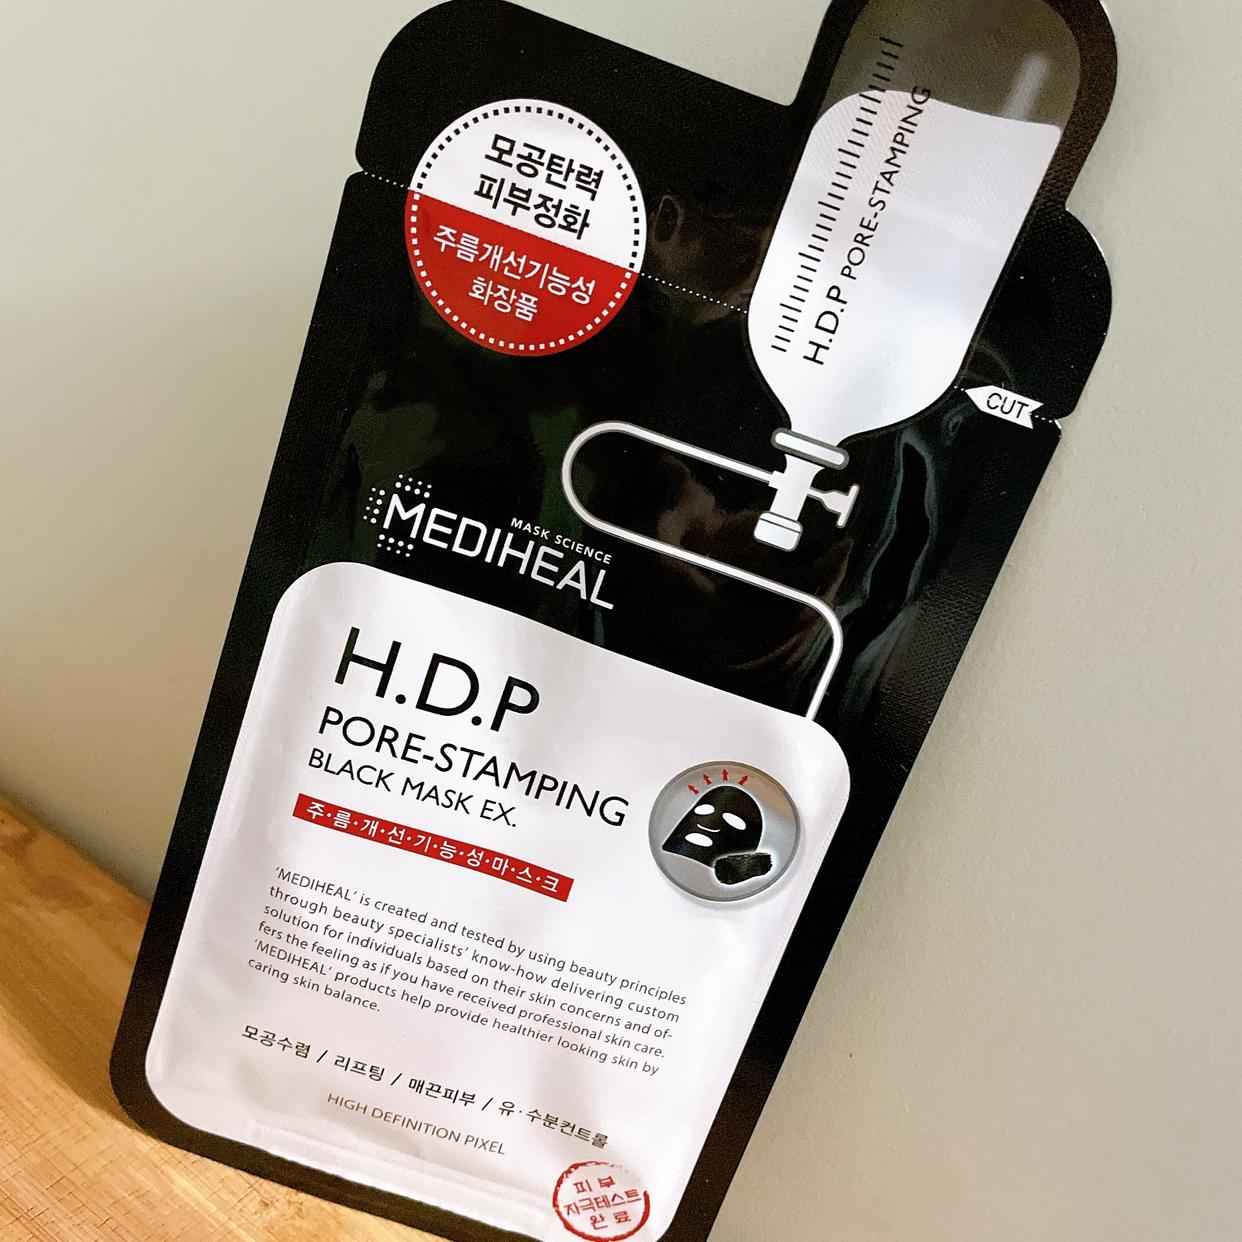 MEDIHEAL(メディヒール) H.D.P ポア スタンピング ブラック マスク EXを使ったここあさんのクチコミ画像1